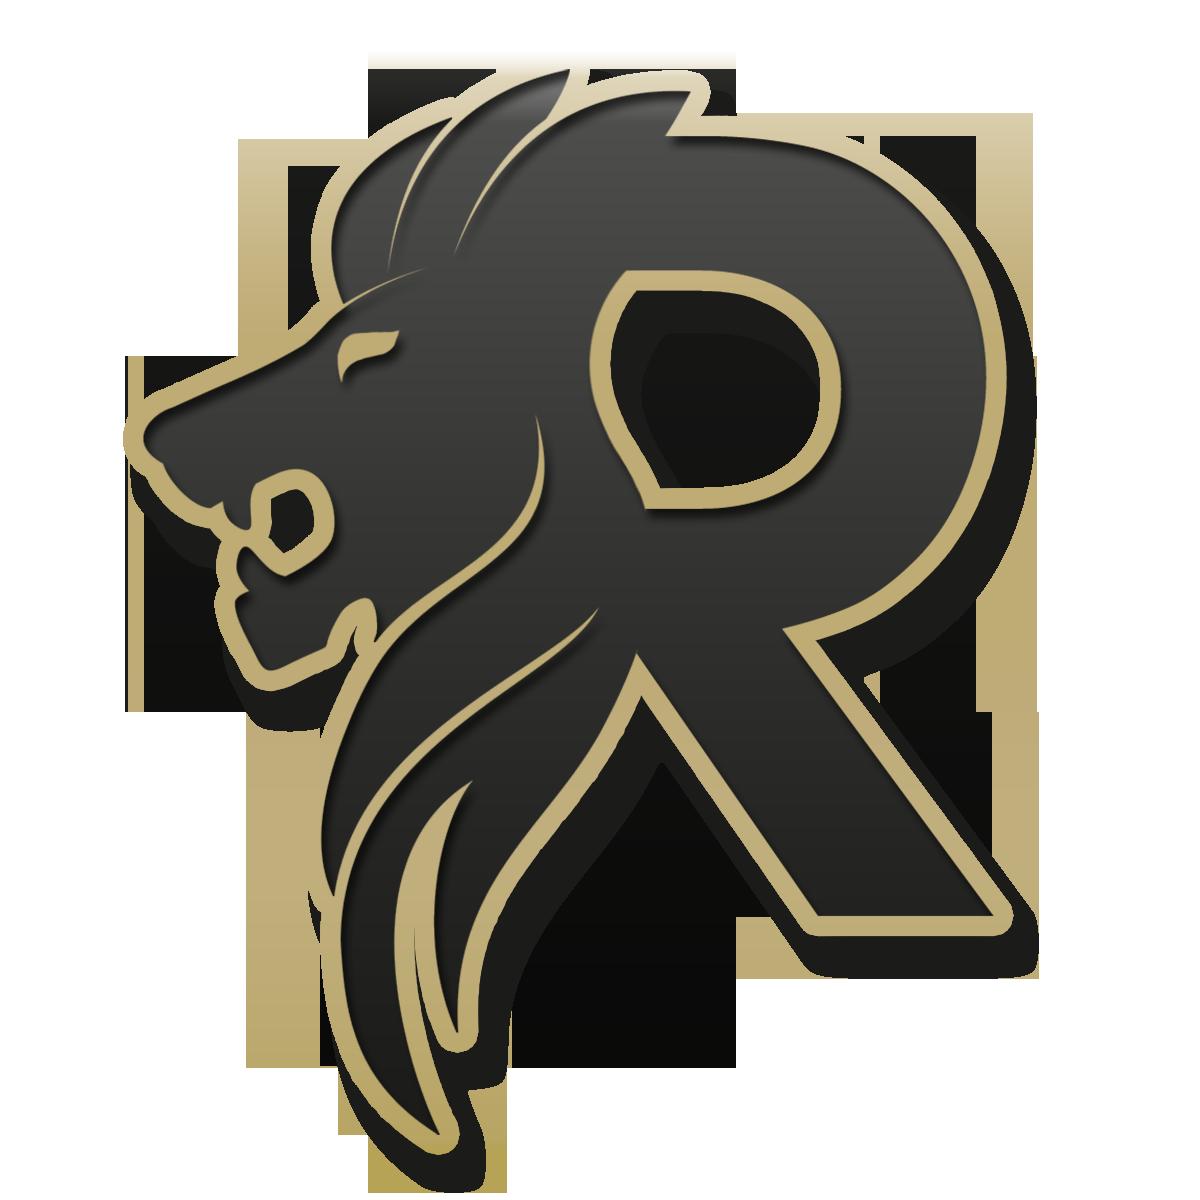 Roar R Logo Wallpaper